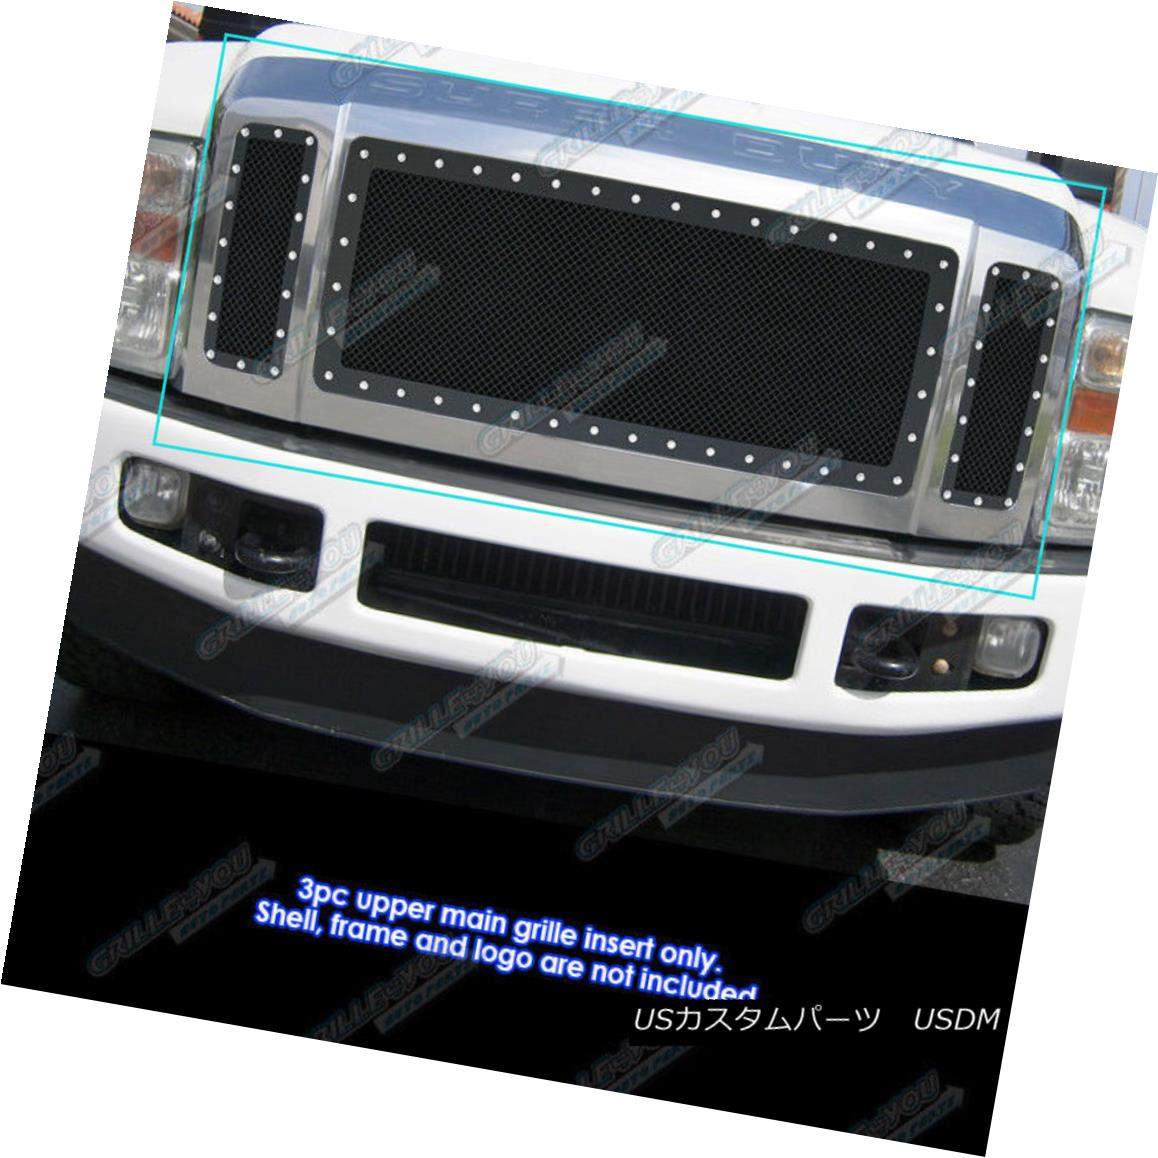 グリル Fits 08-10 Ford F250/F350/F450 XLT Lariat King Ranch Only Black Rivet Grille フィット08-10 Ford F250 / F350 / F450 XLTラリアットキングランチのみブラックリベットグリル